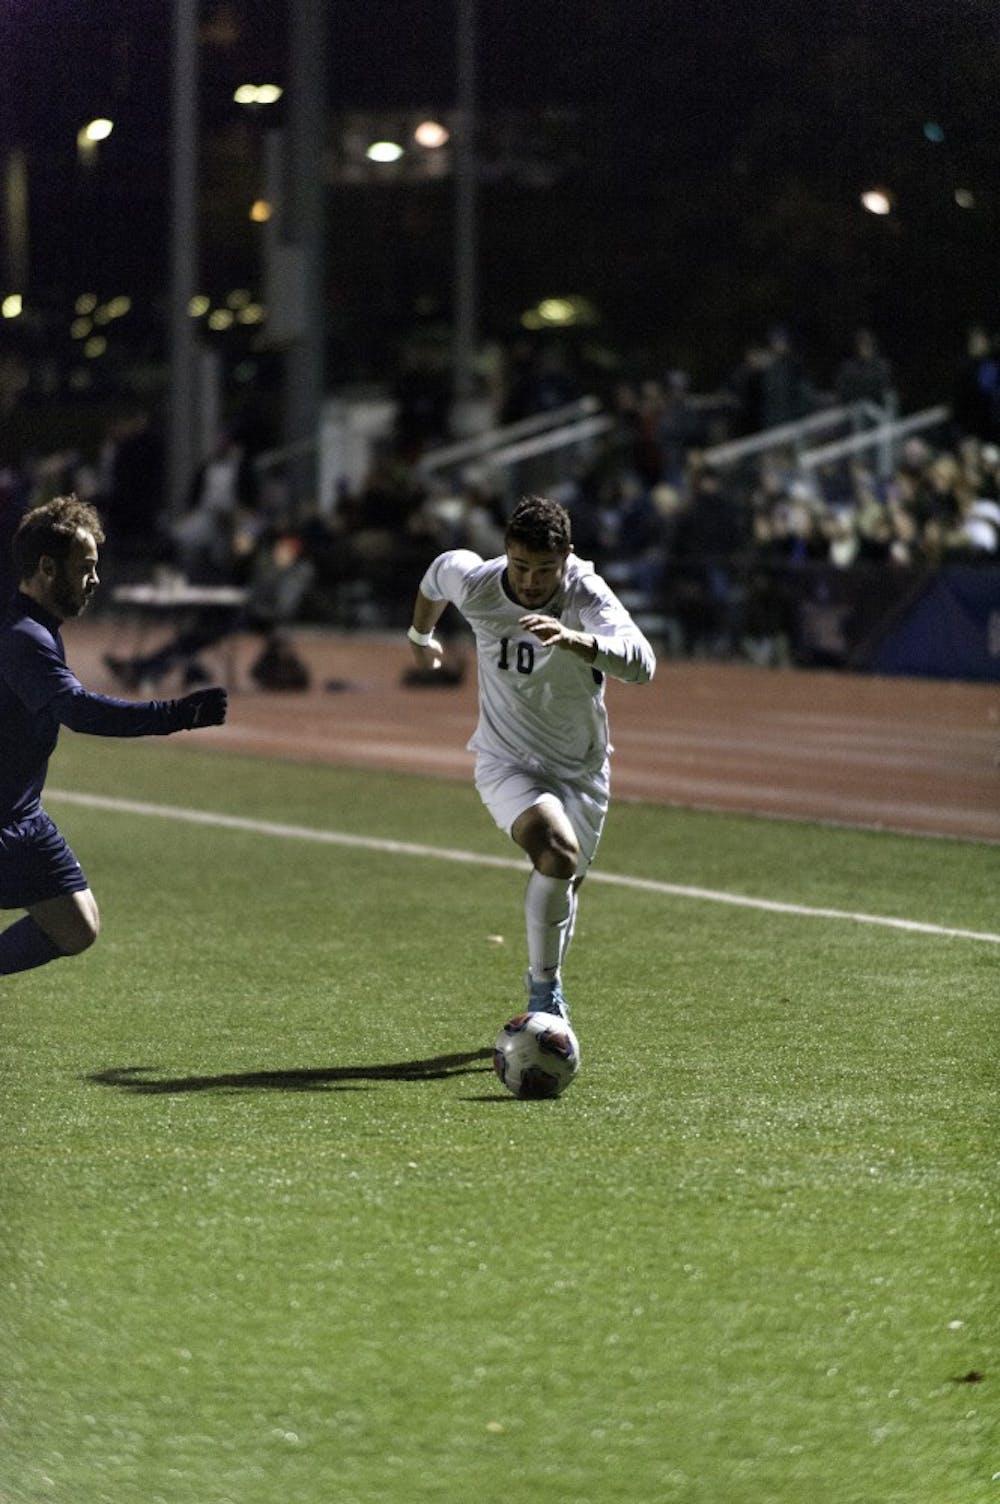 soccerm-vs-wcsu-11-11-17-ab-0346